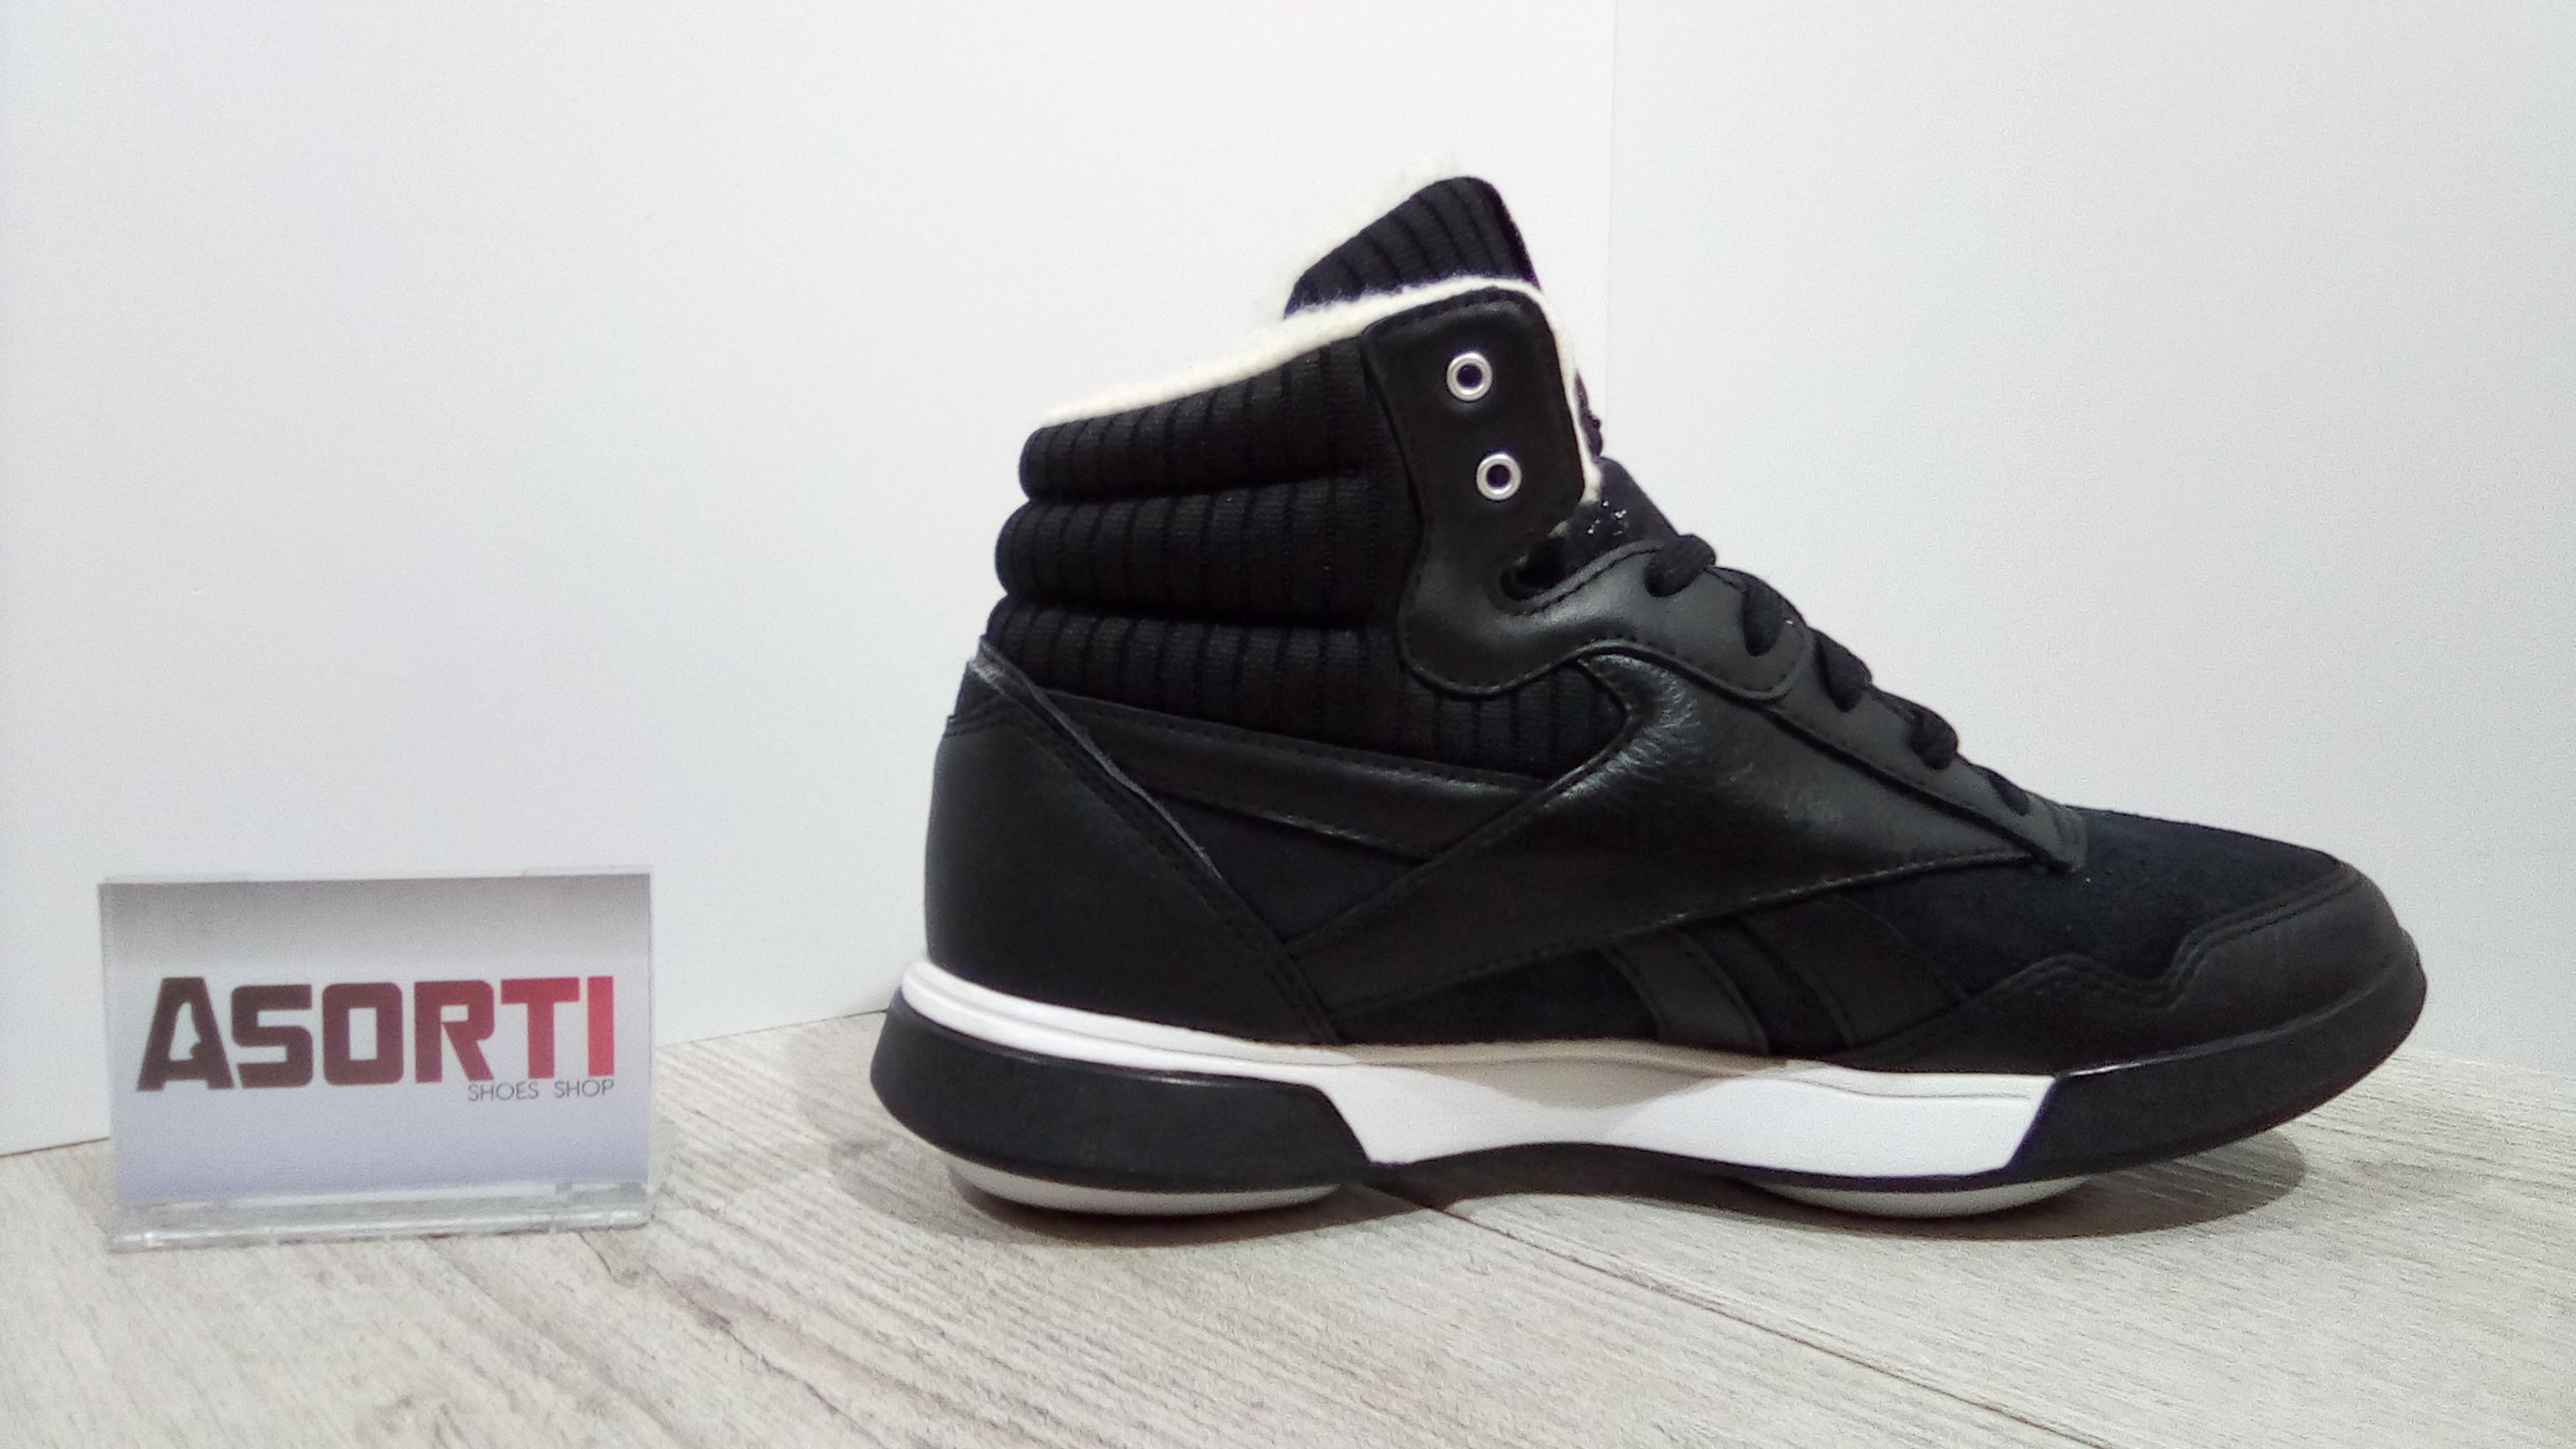 ... Женские зимние кроссовки Reebok Easytone Rockeasy (V65415) черные ... 62c5cc8a263